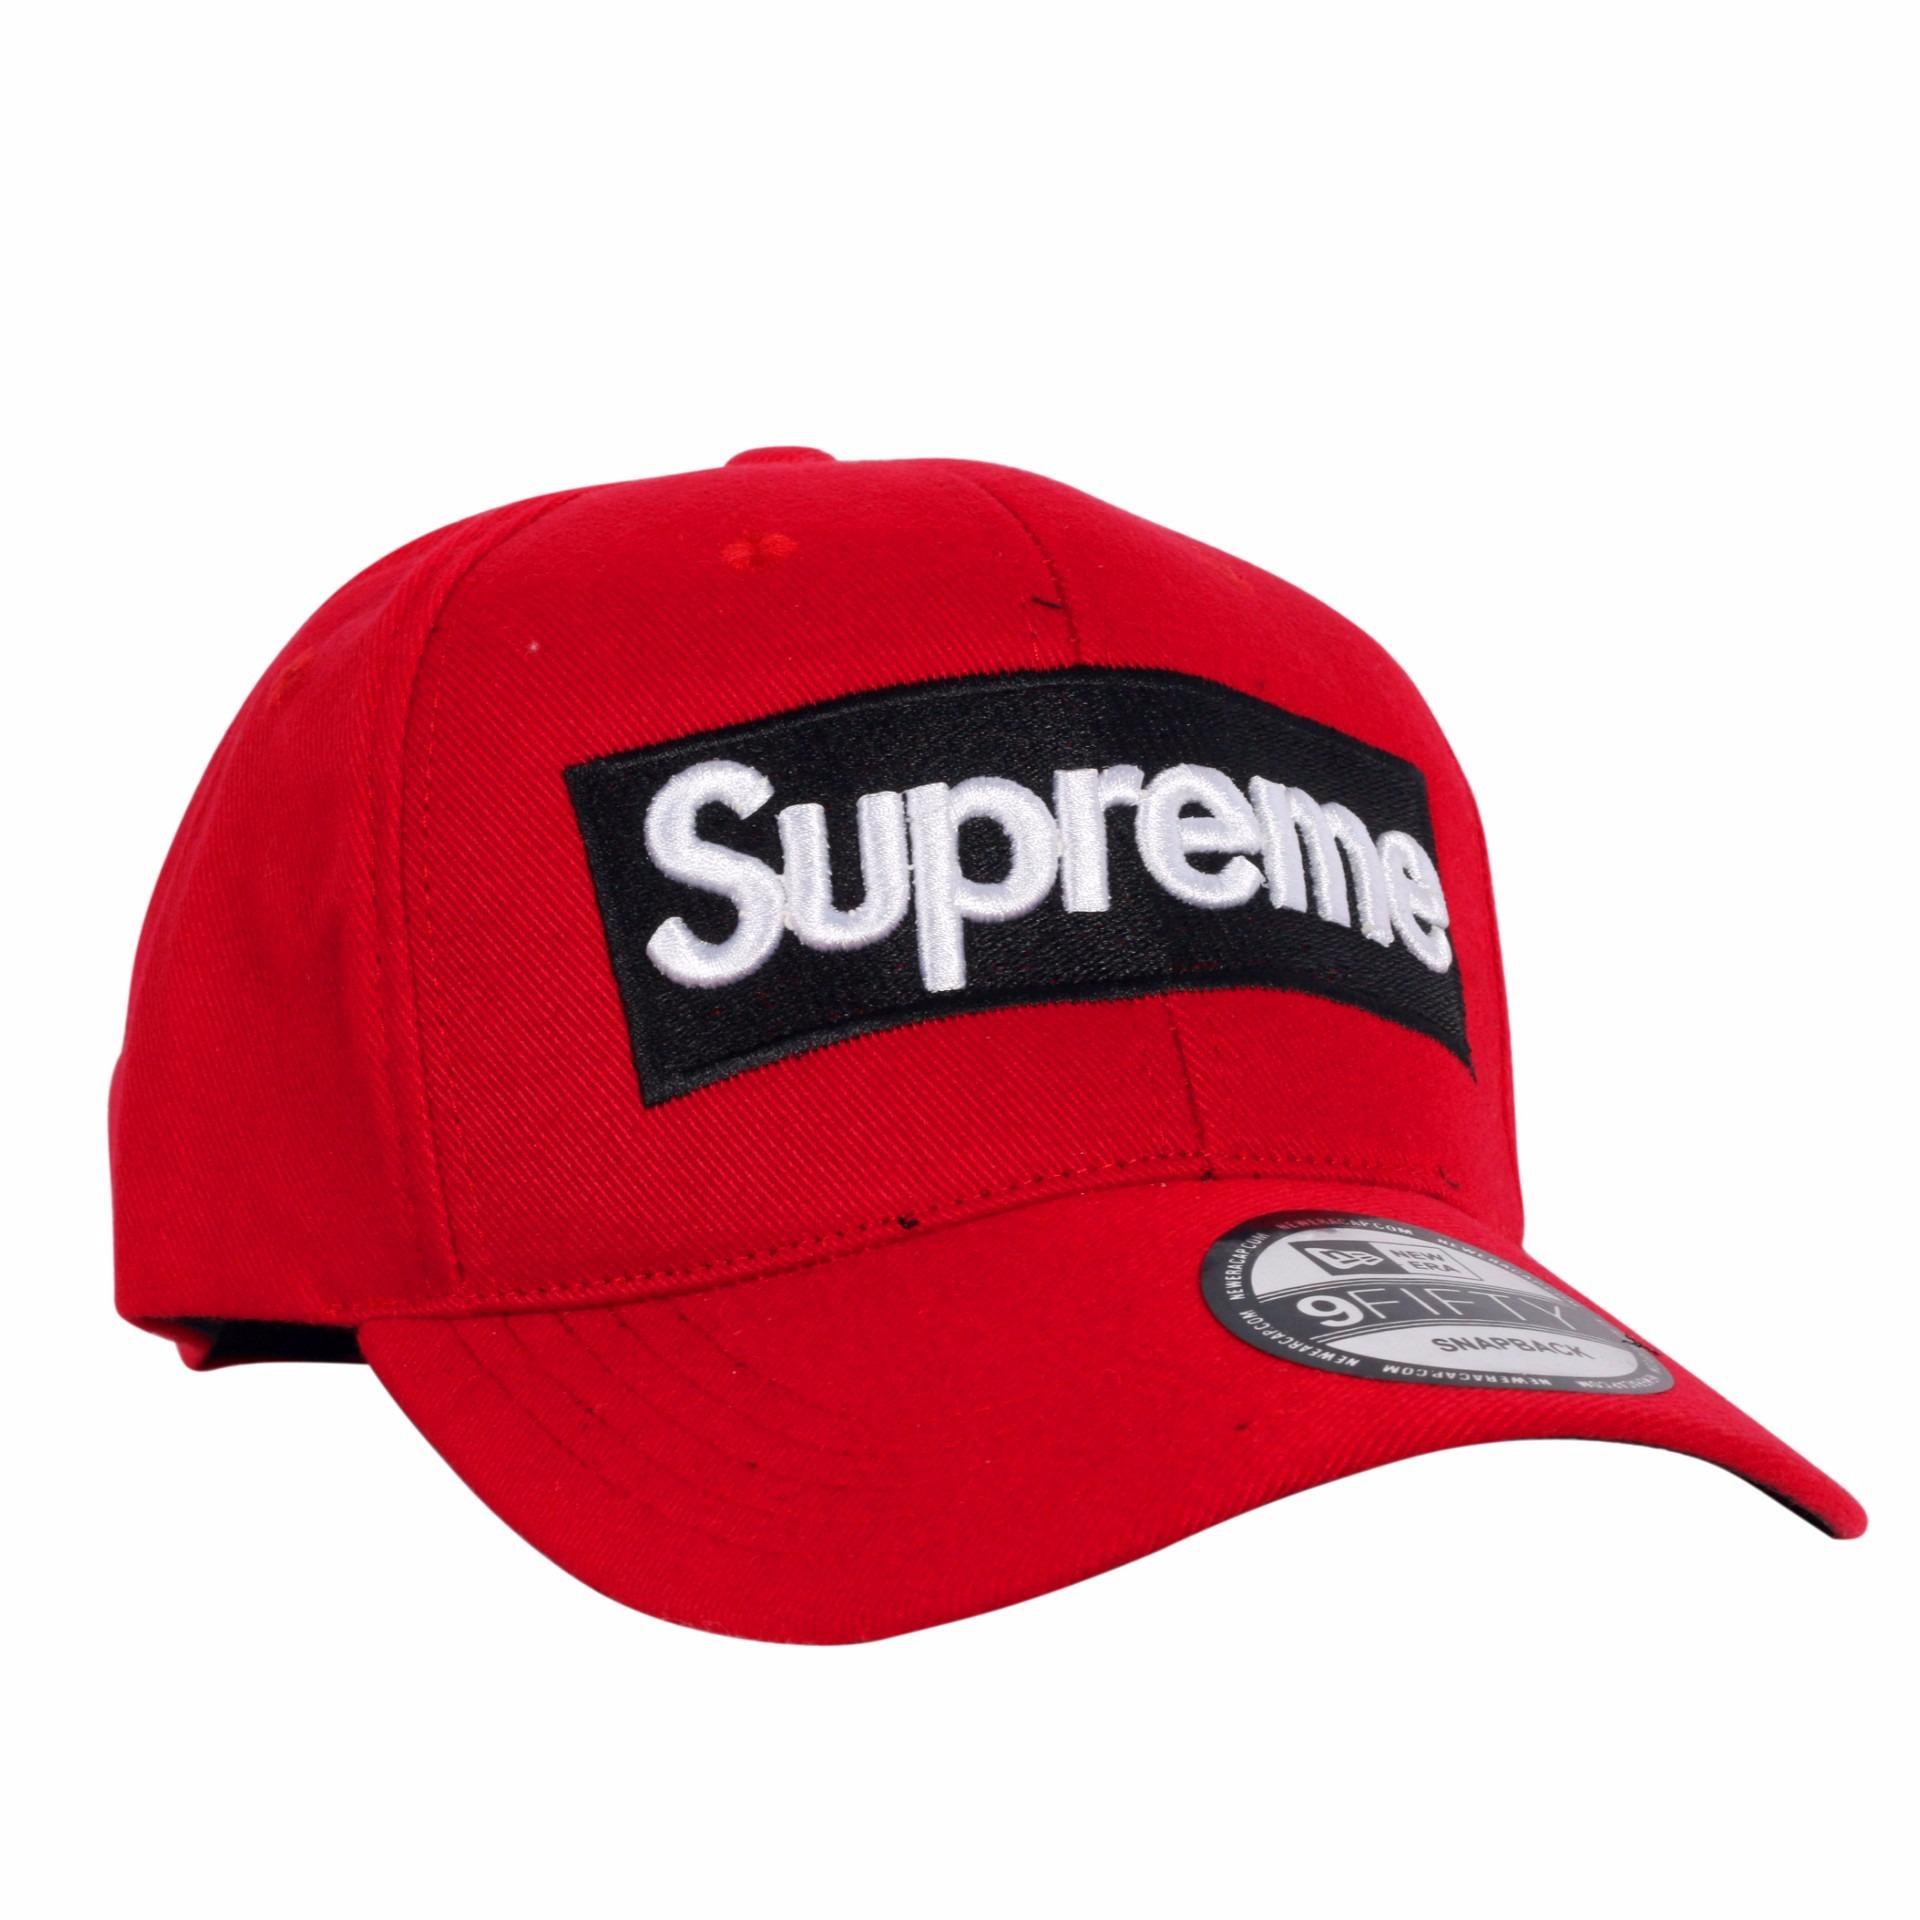 Dgm Fashion1 Topi Polos Merah Supreme Topi Combinasi  Topi Denim Topi  Jaring Topi f8392732f5